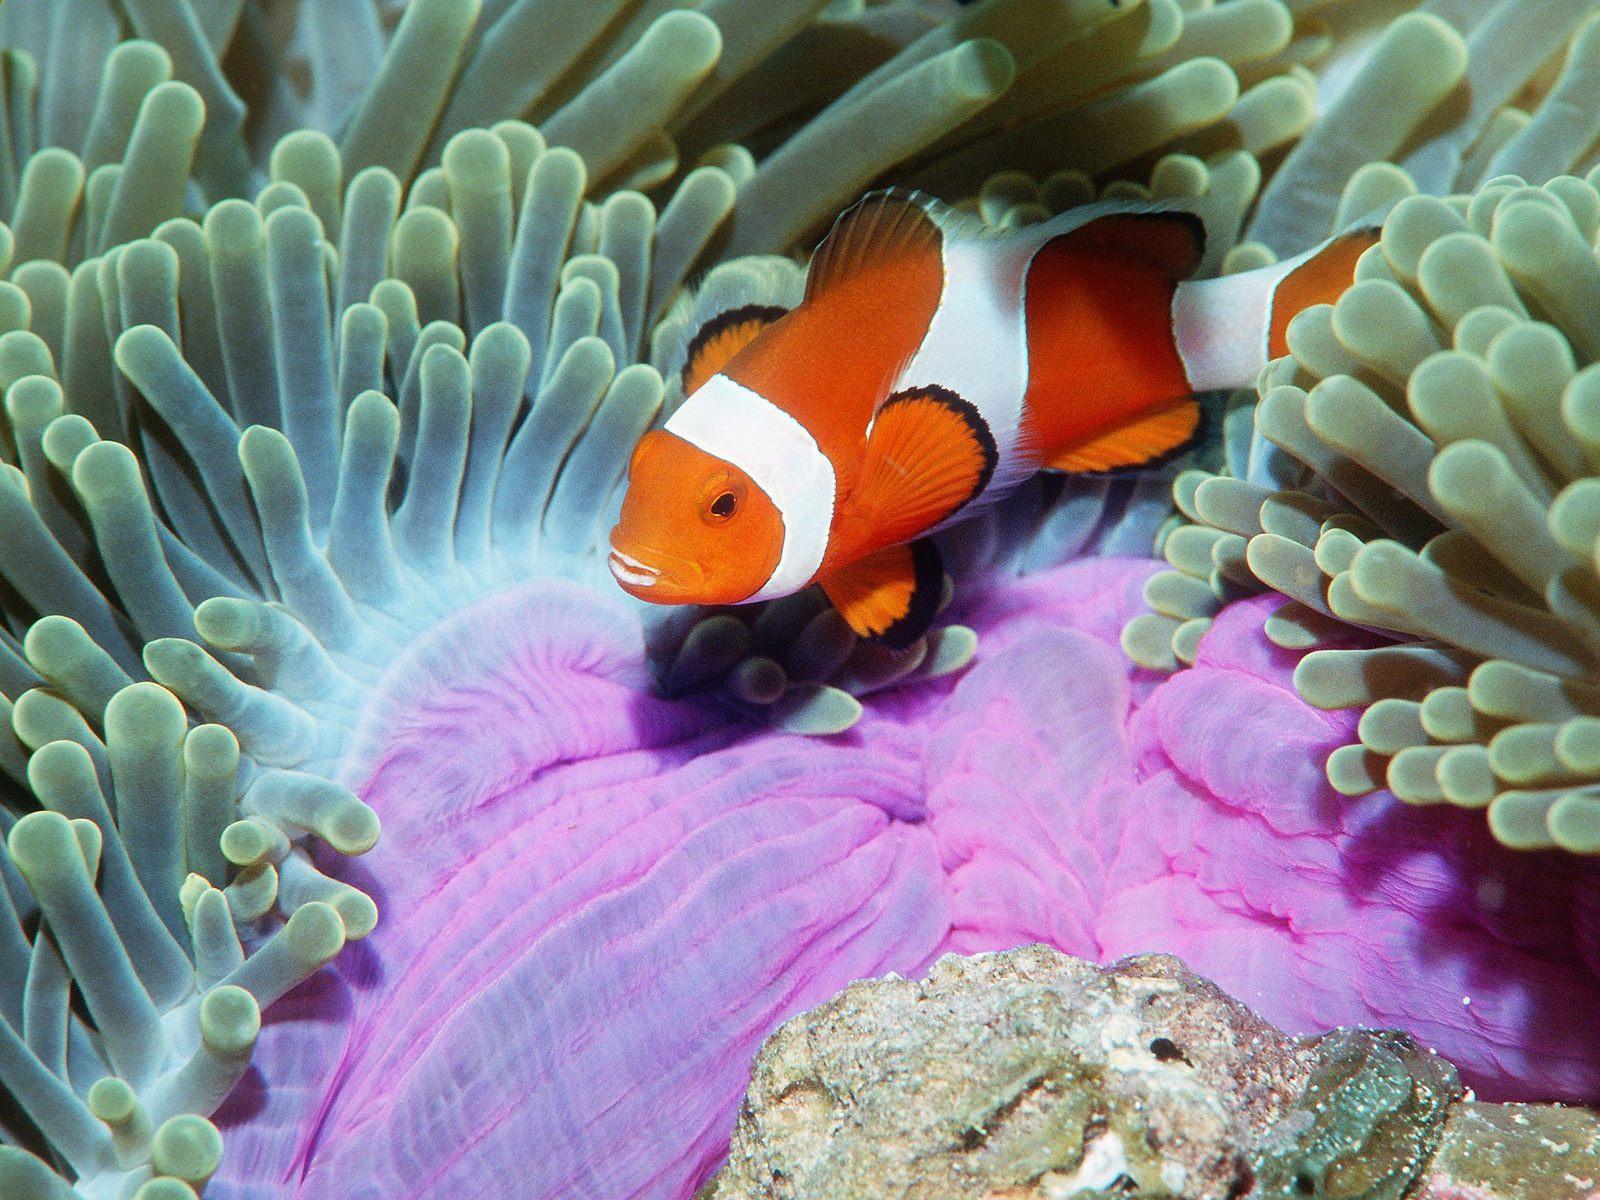 http://3.bp.blogspot.com/-hybi9KBfEvQ/Tg4rgD_3RjI/AAAAAAAABBI/SGHESVz3Wbg/s1600/Underwater+Wallpaper+%252897%2529.jpg